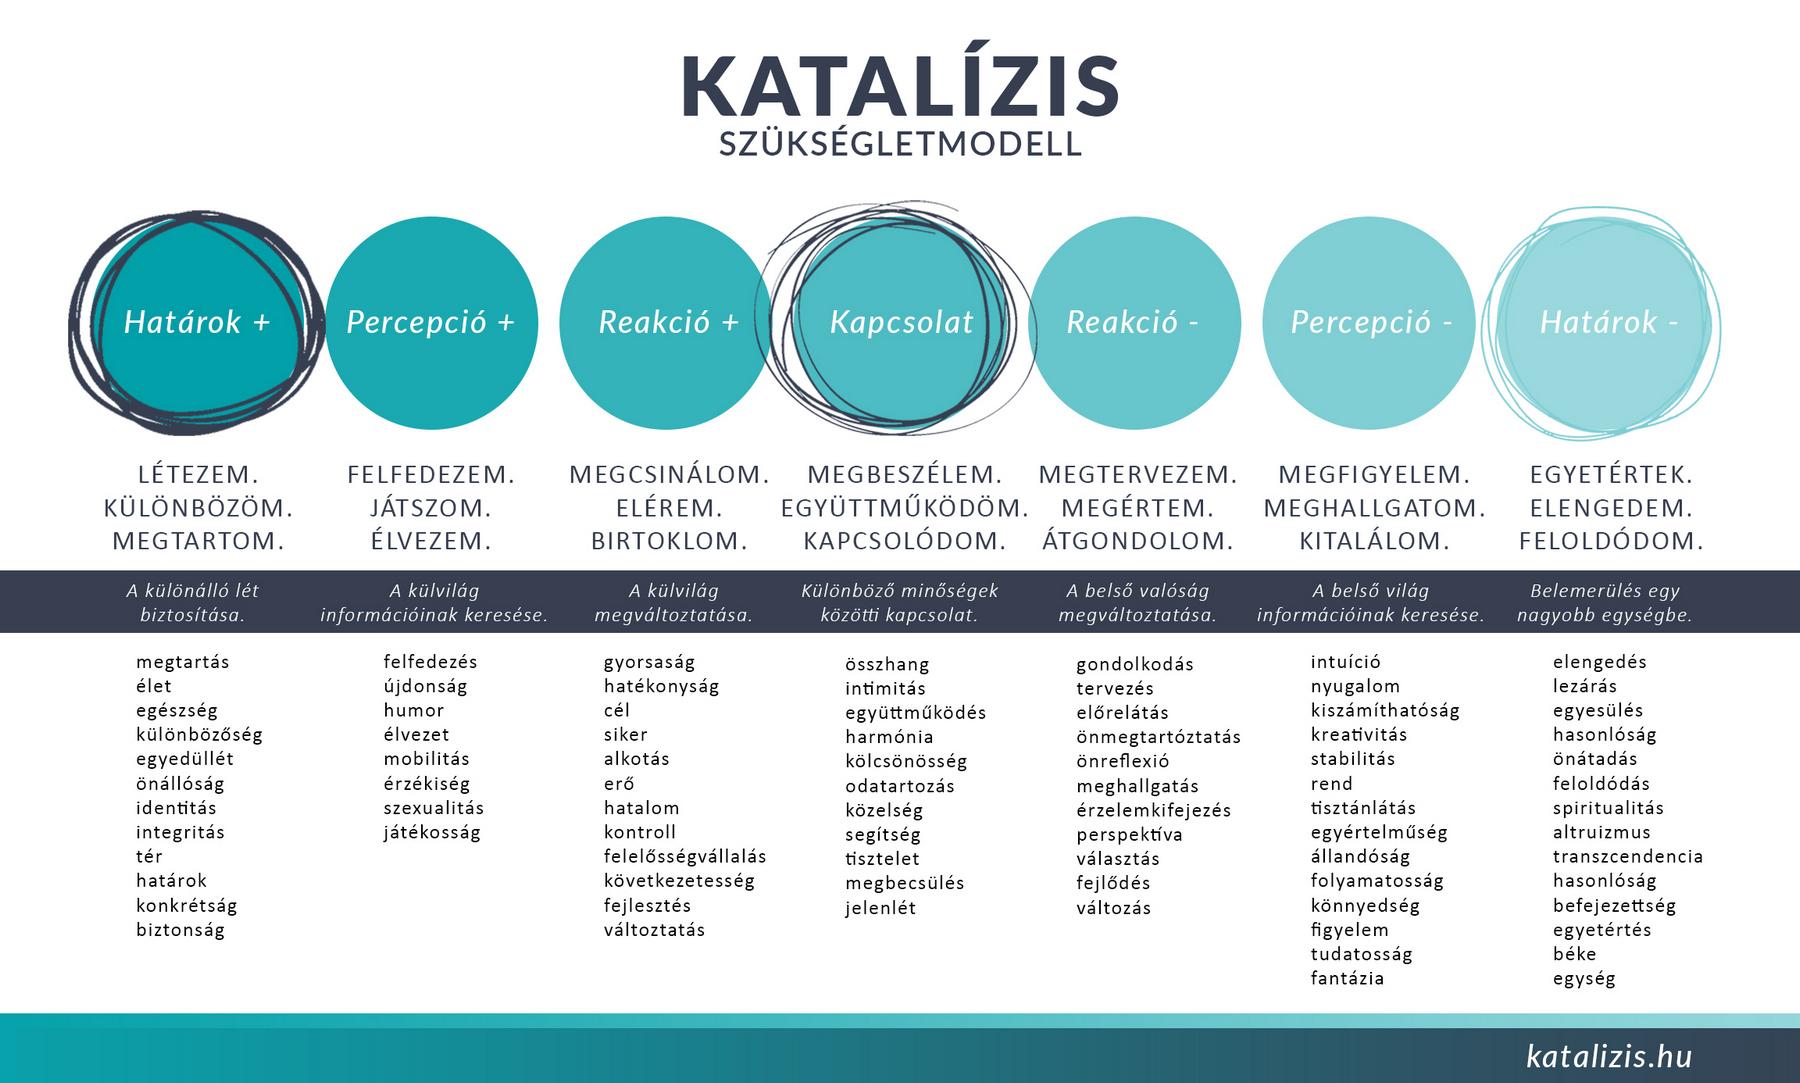 Katalízis modell - egy általános motivációs elmélet fejlesztése.